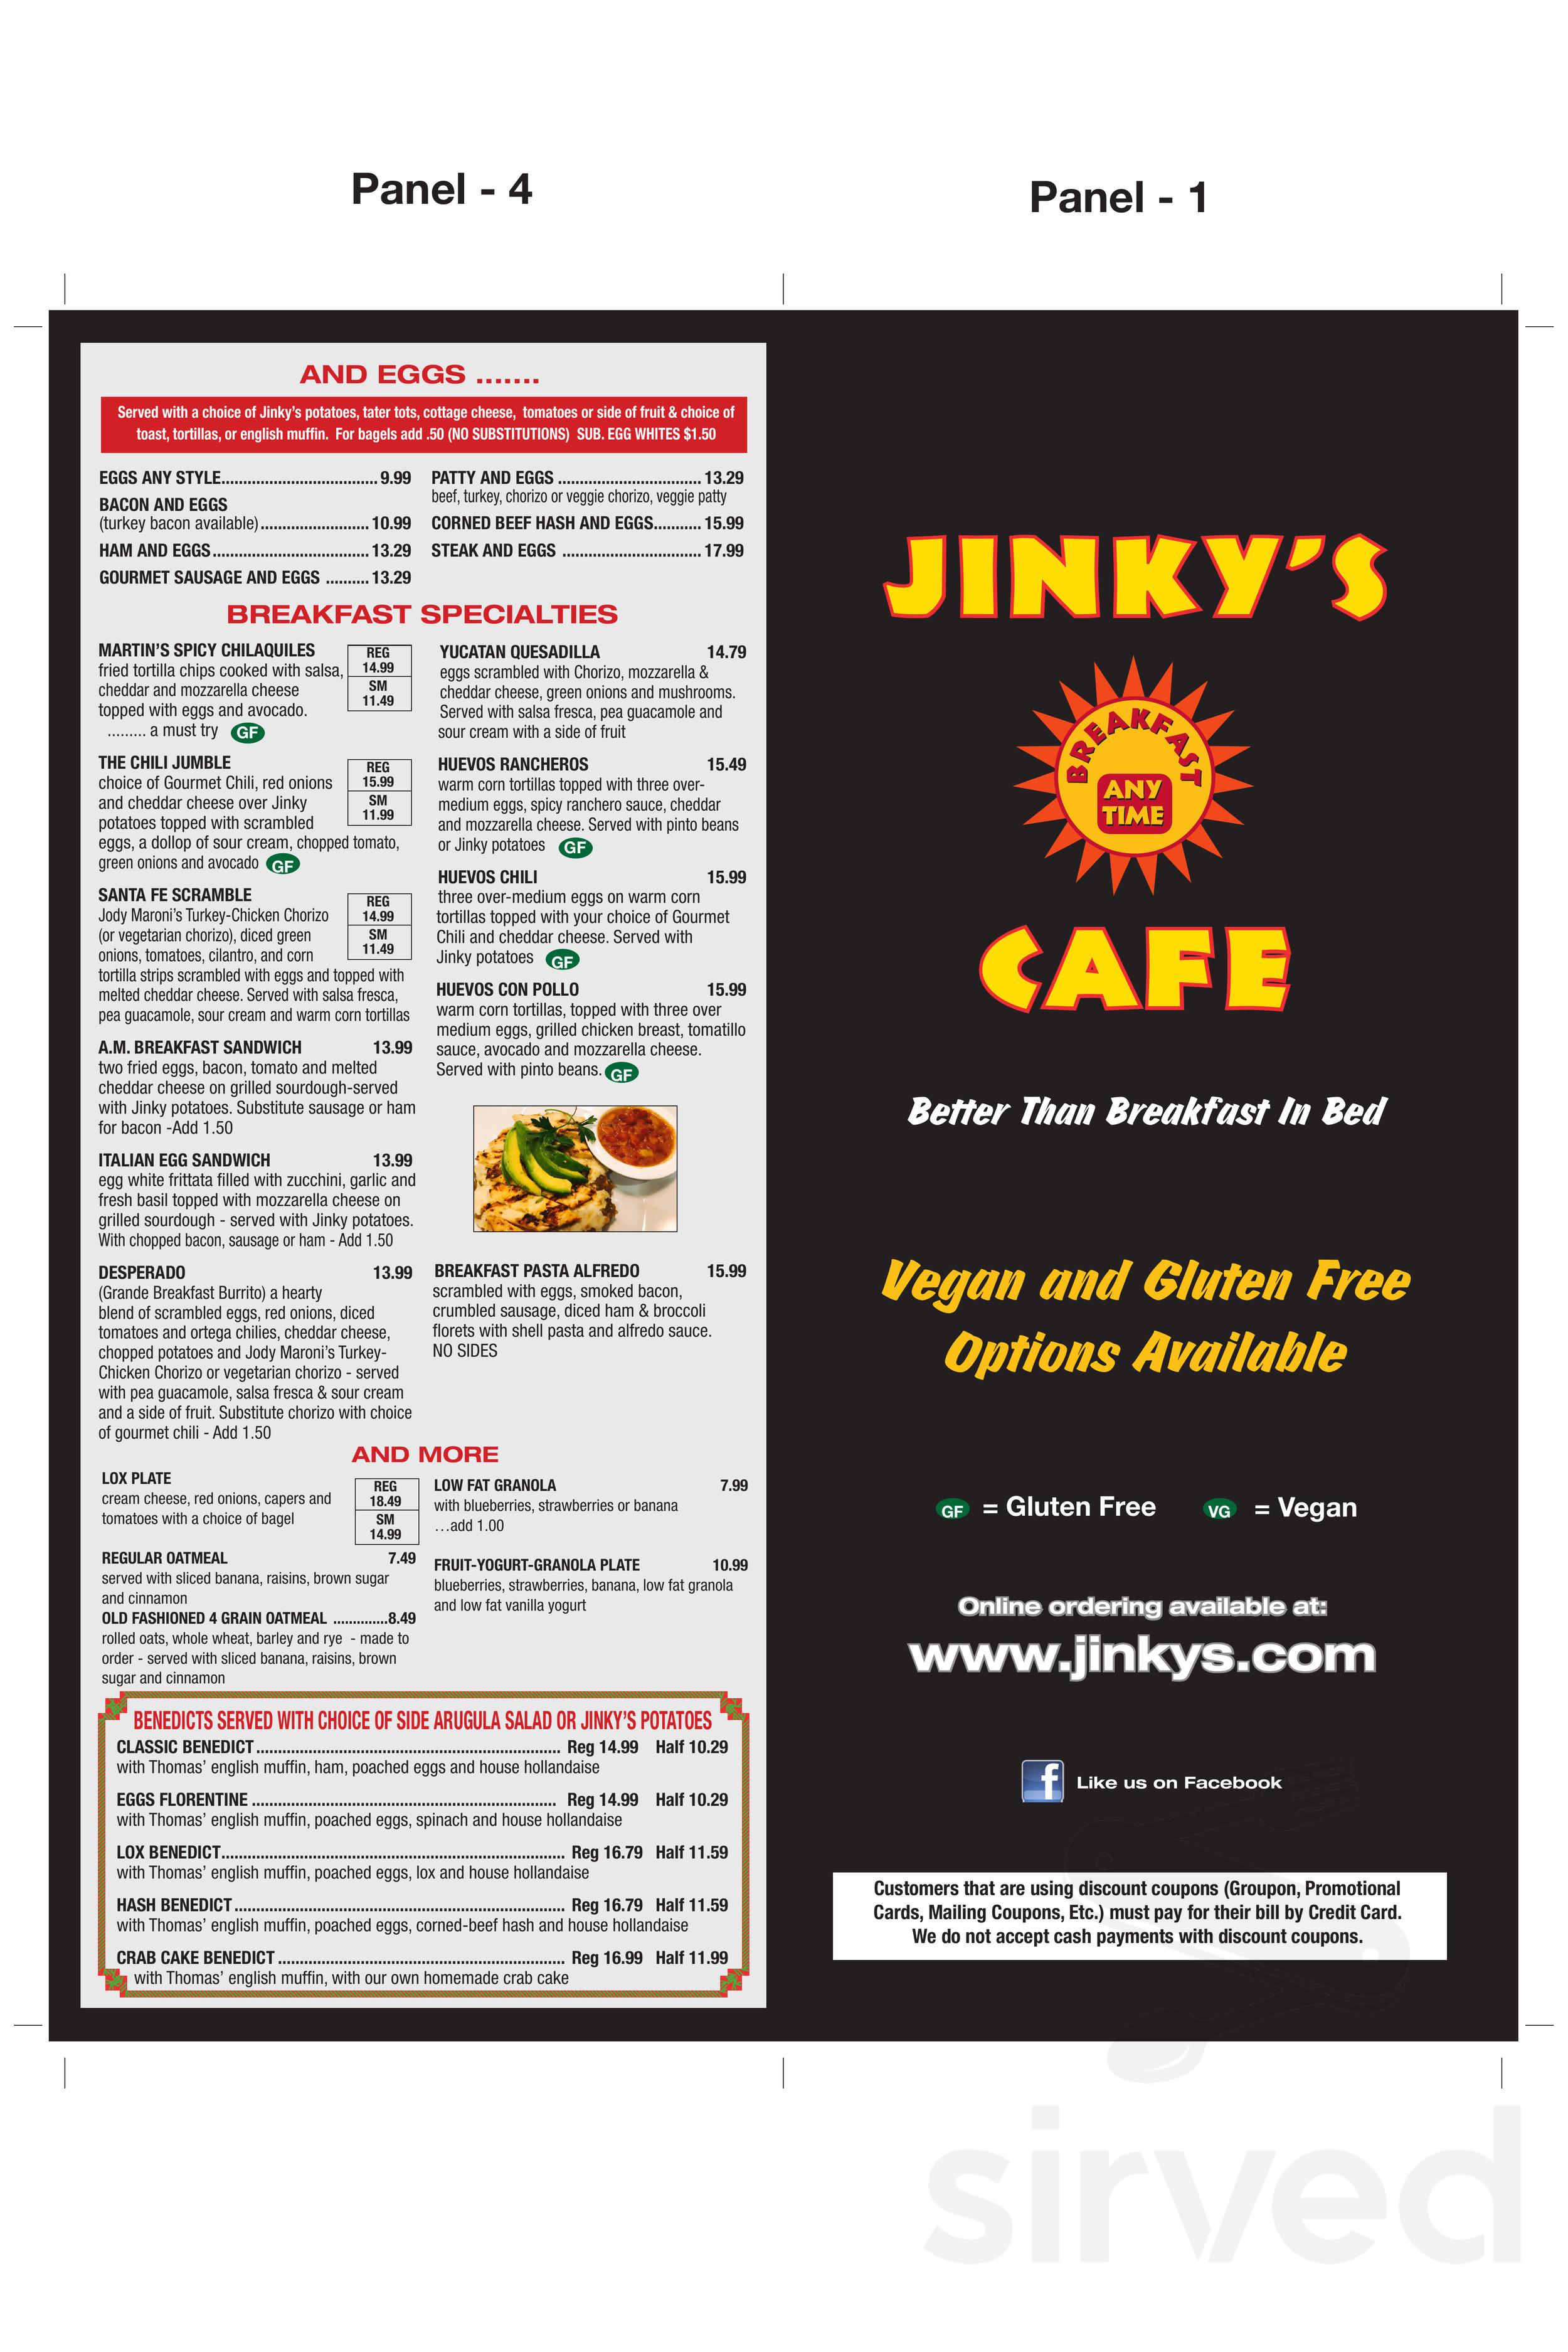 jinkys coupon agoura